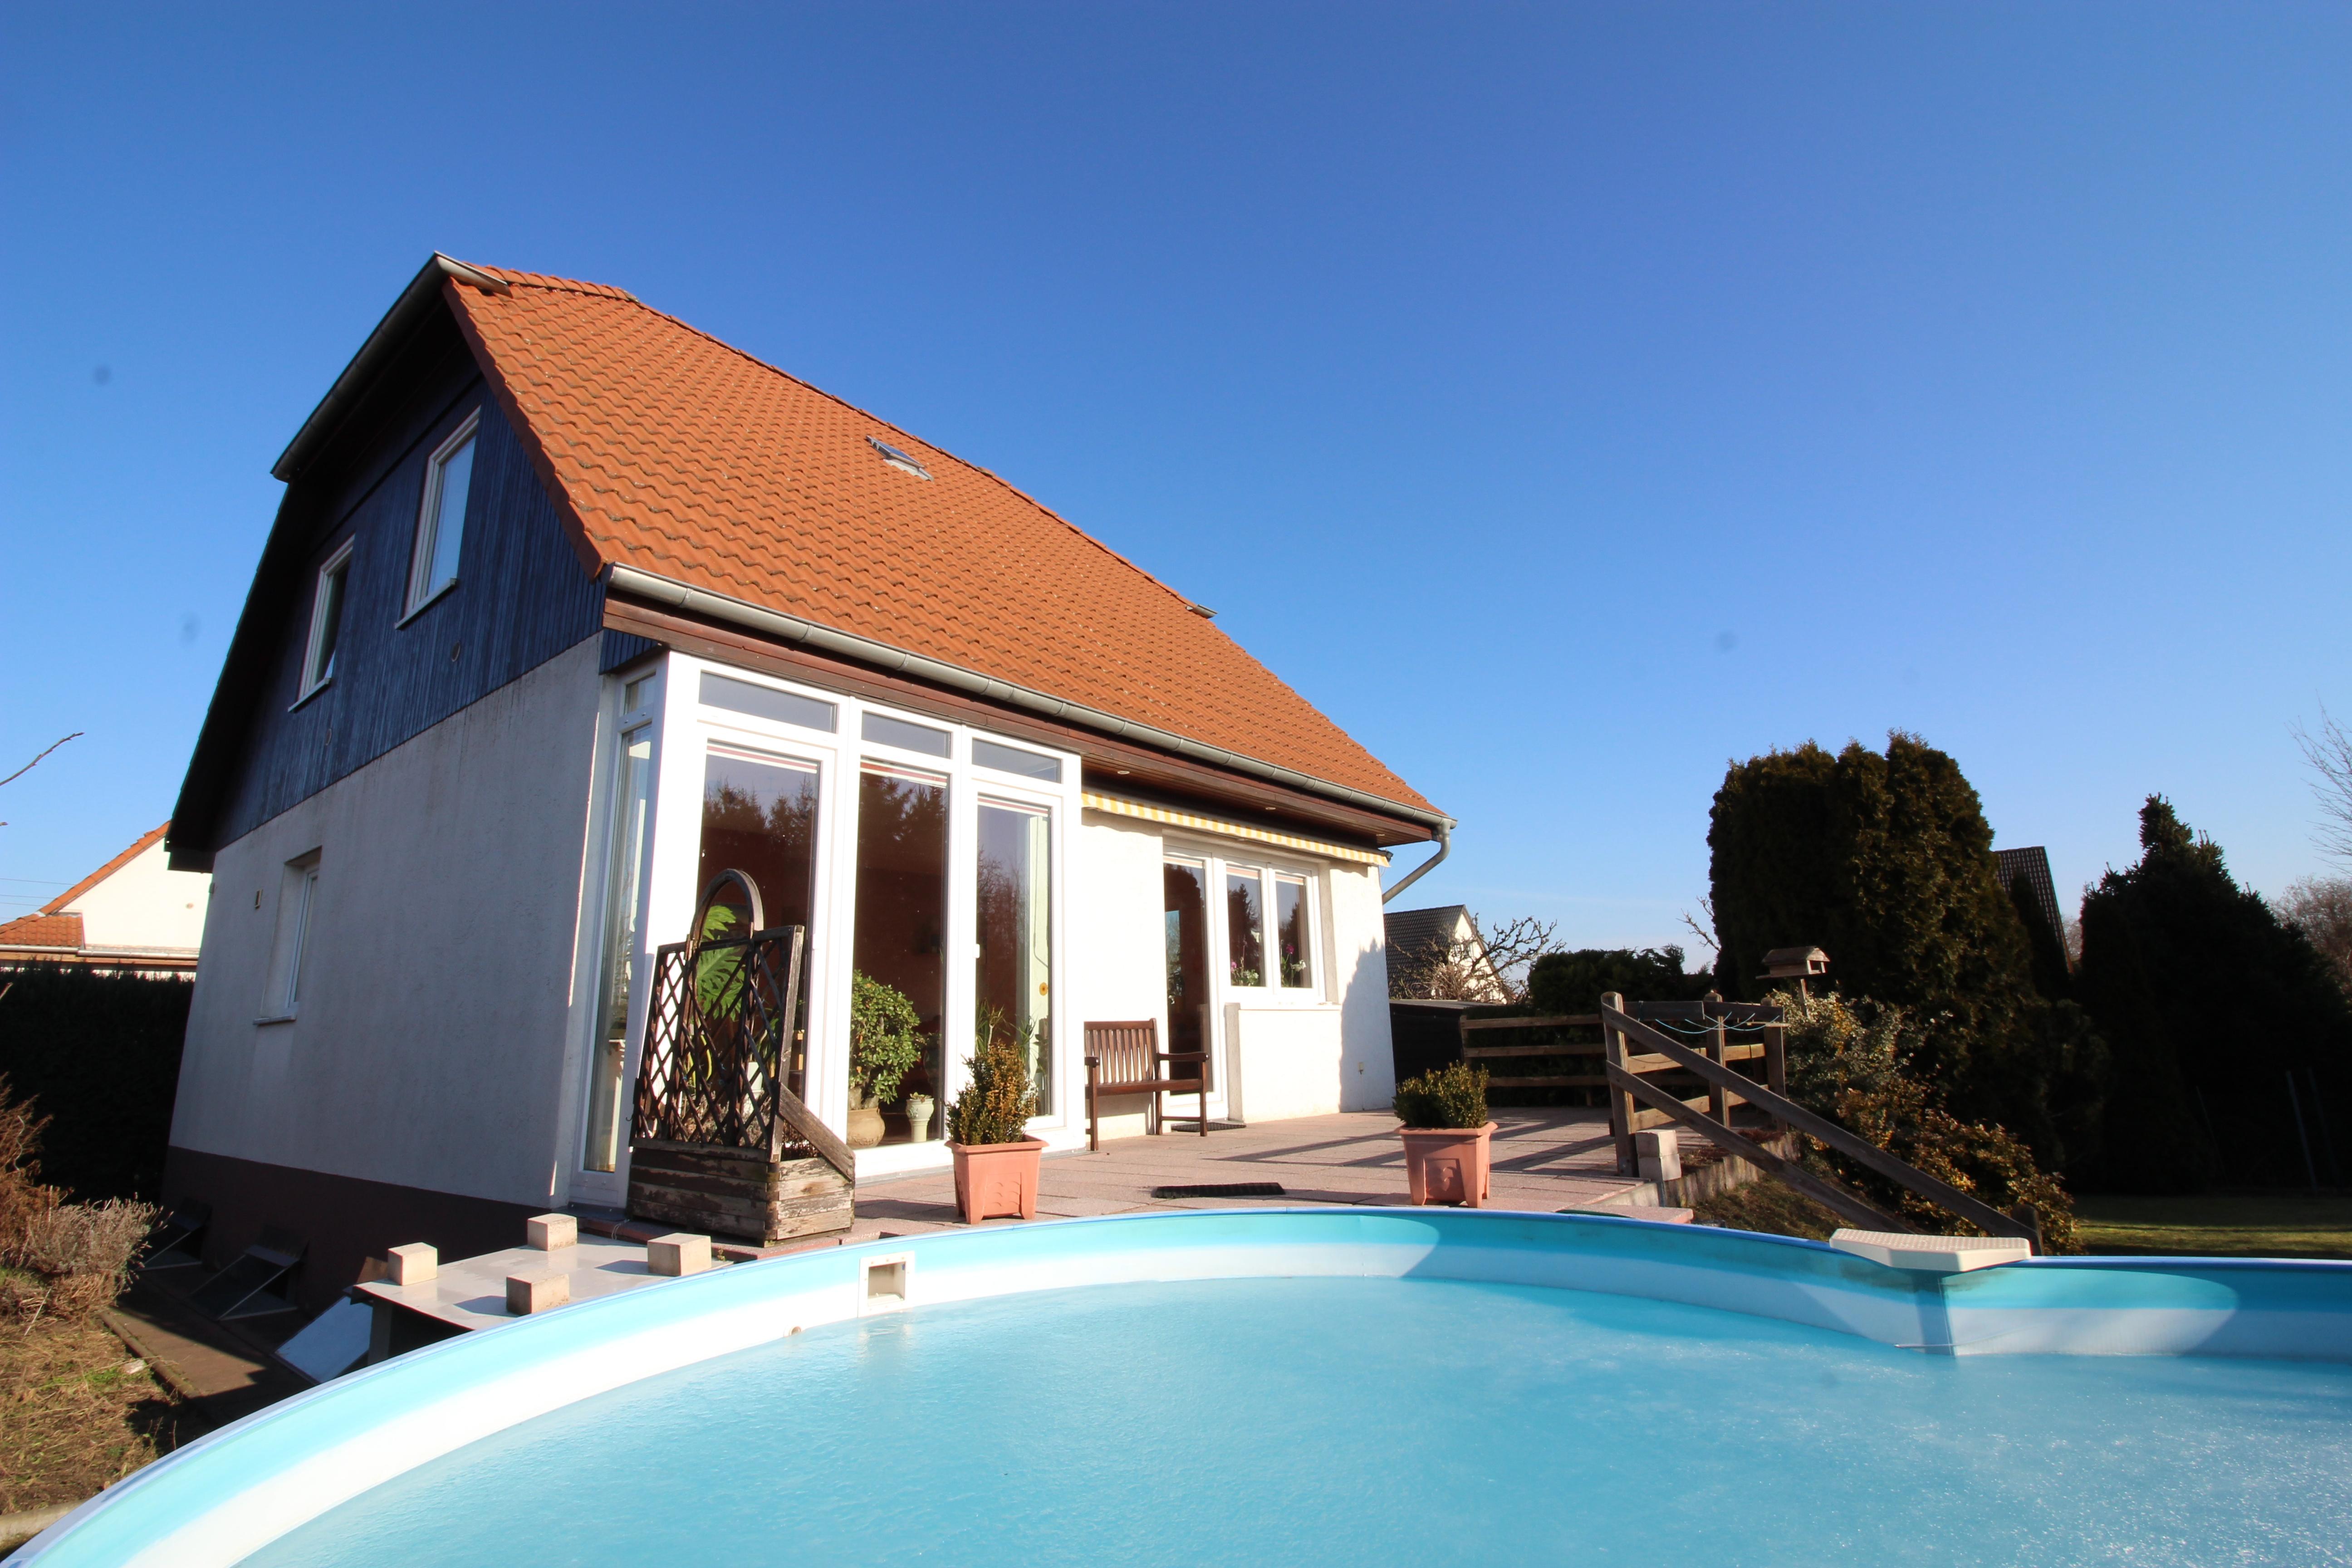 Einfamilienhaus Verkauf in Bohnsdorf